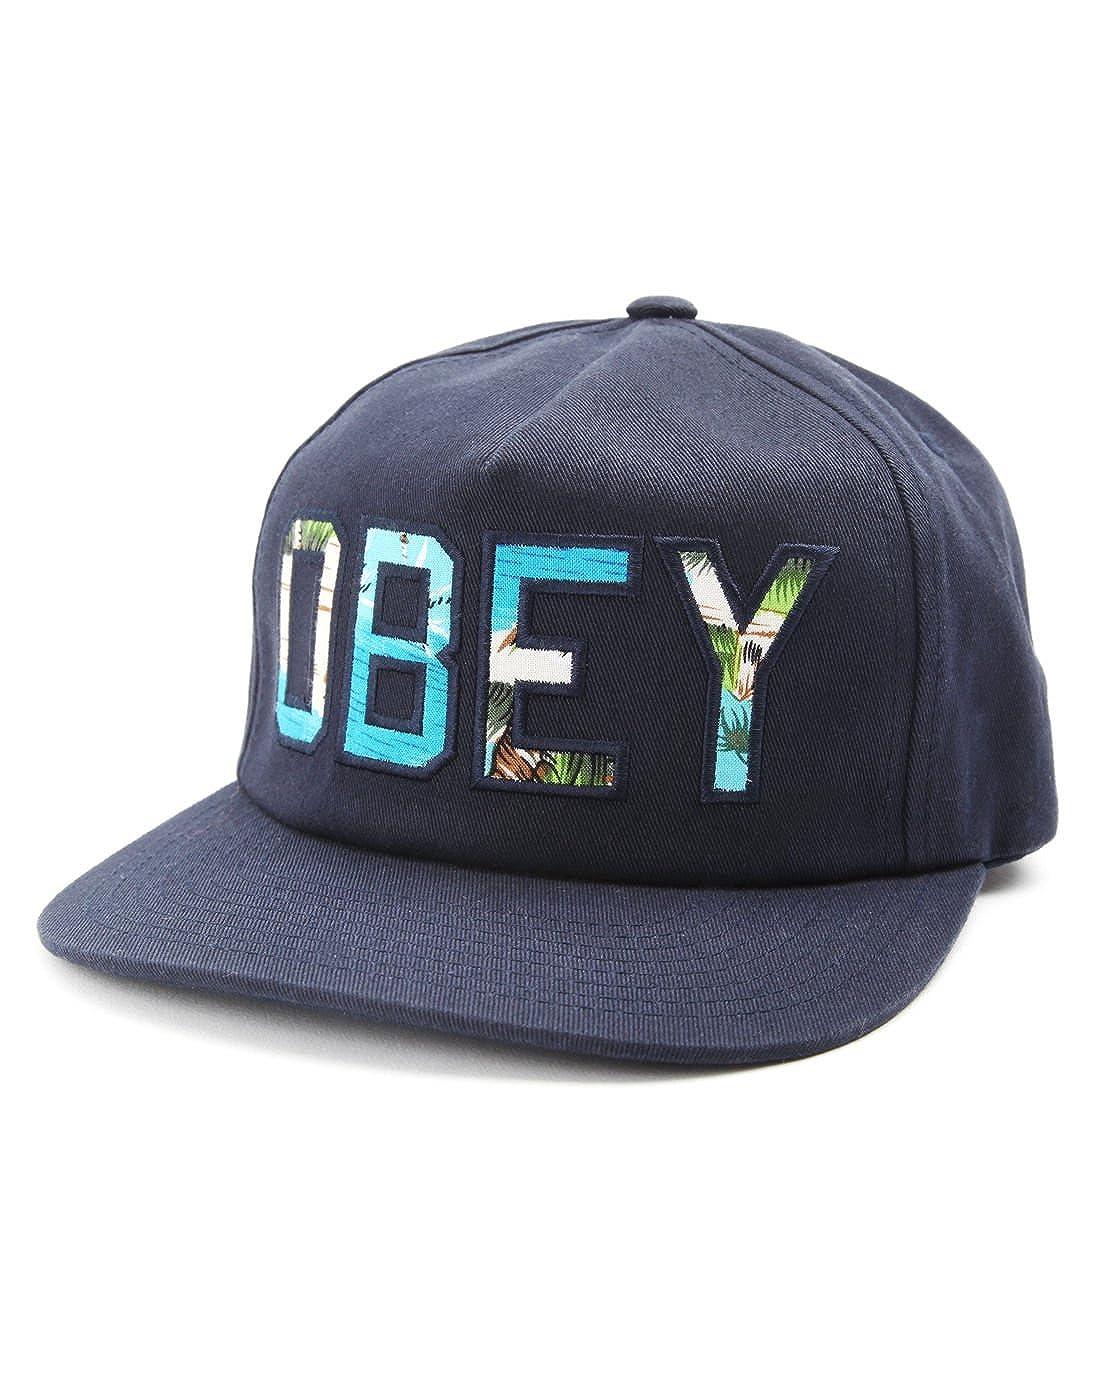 Obey - Cappellino da baseball - Uomo